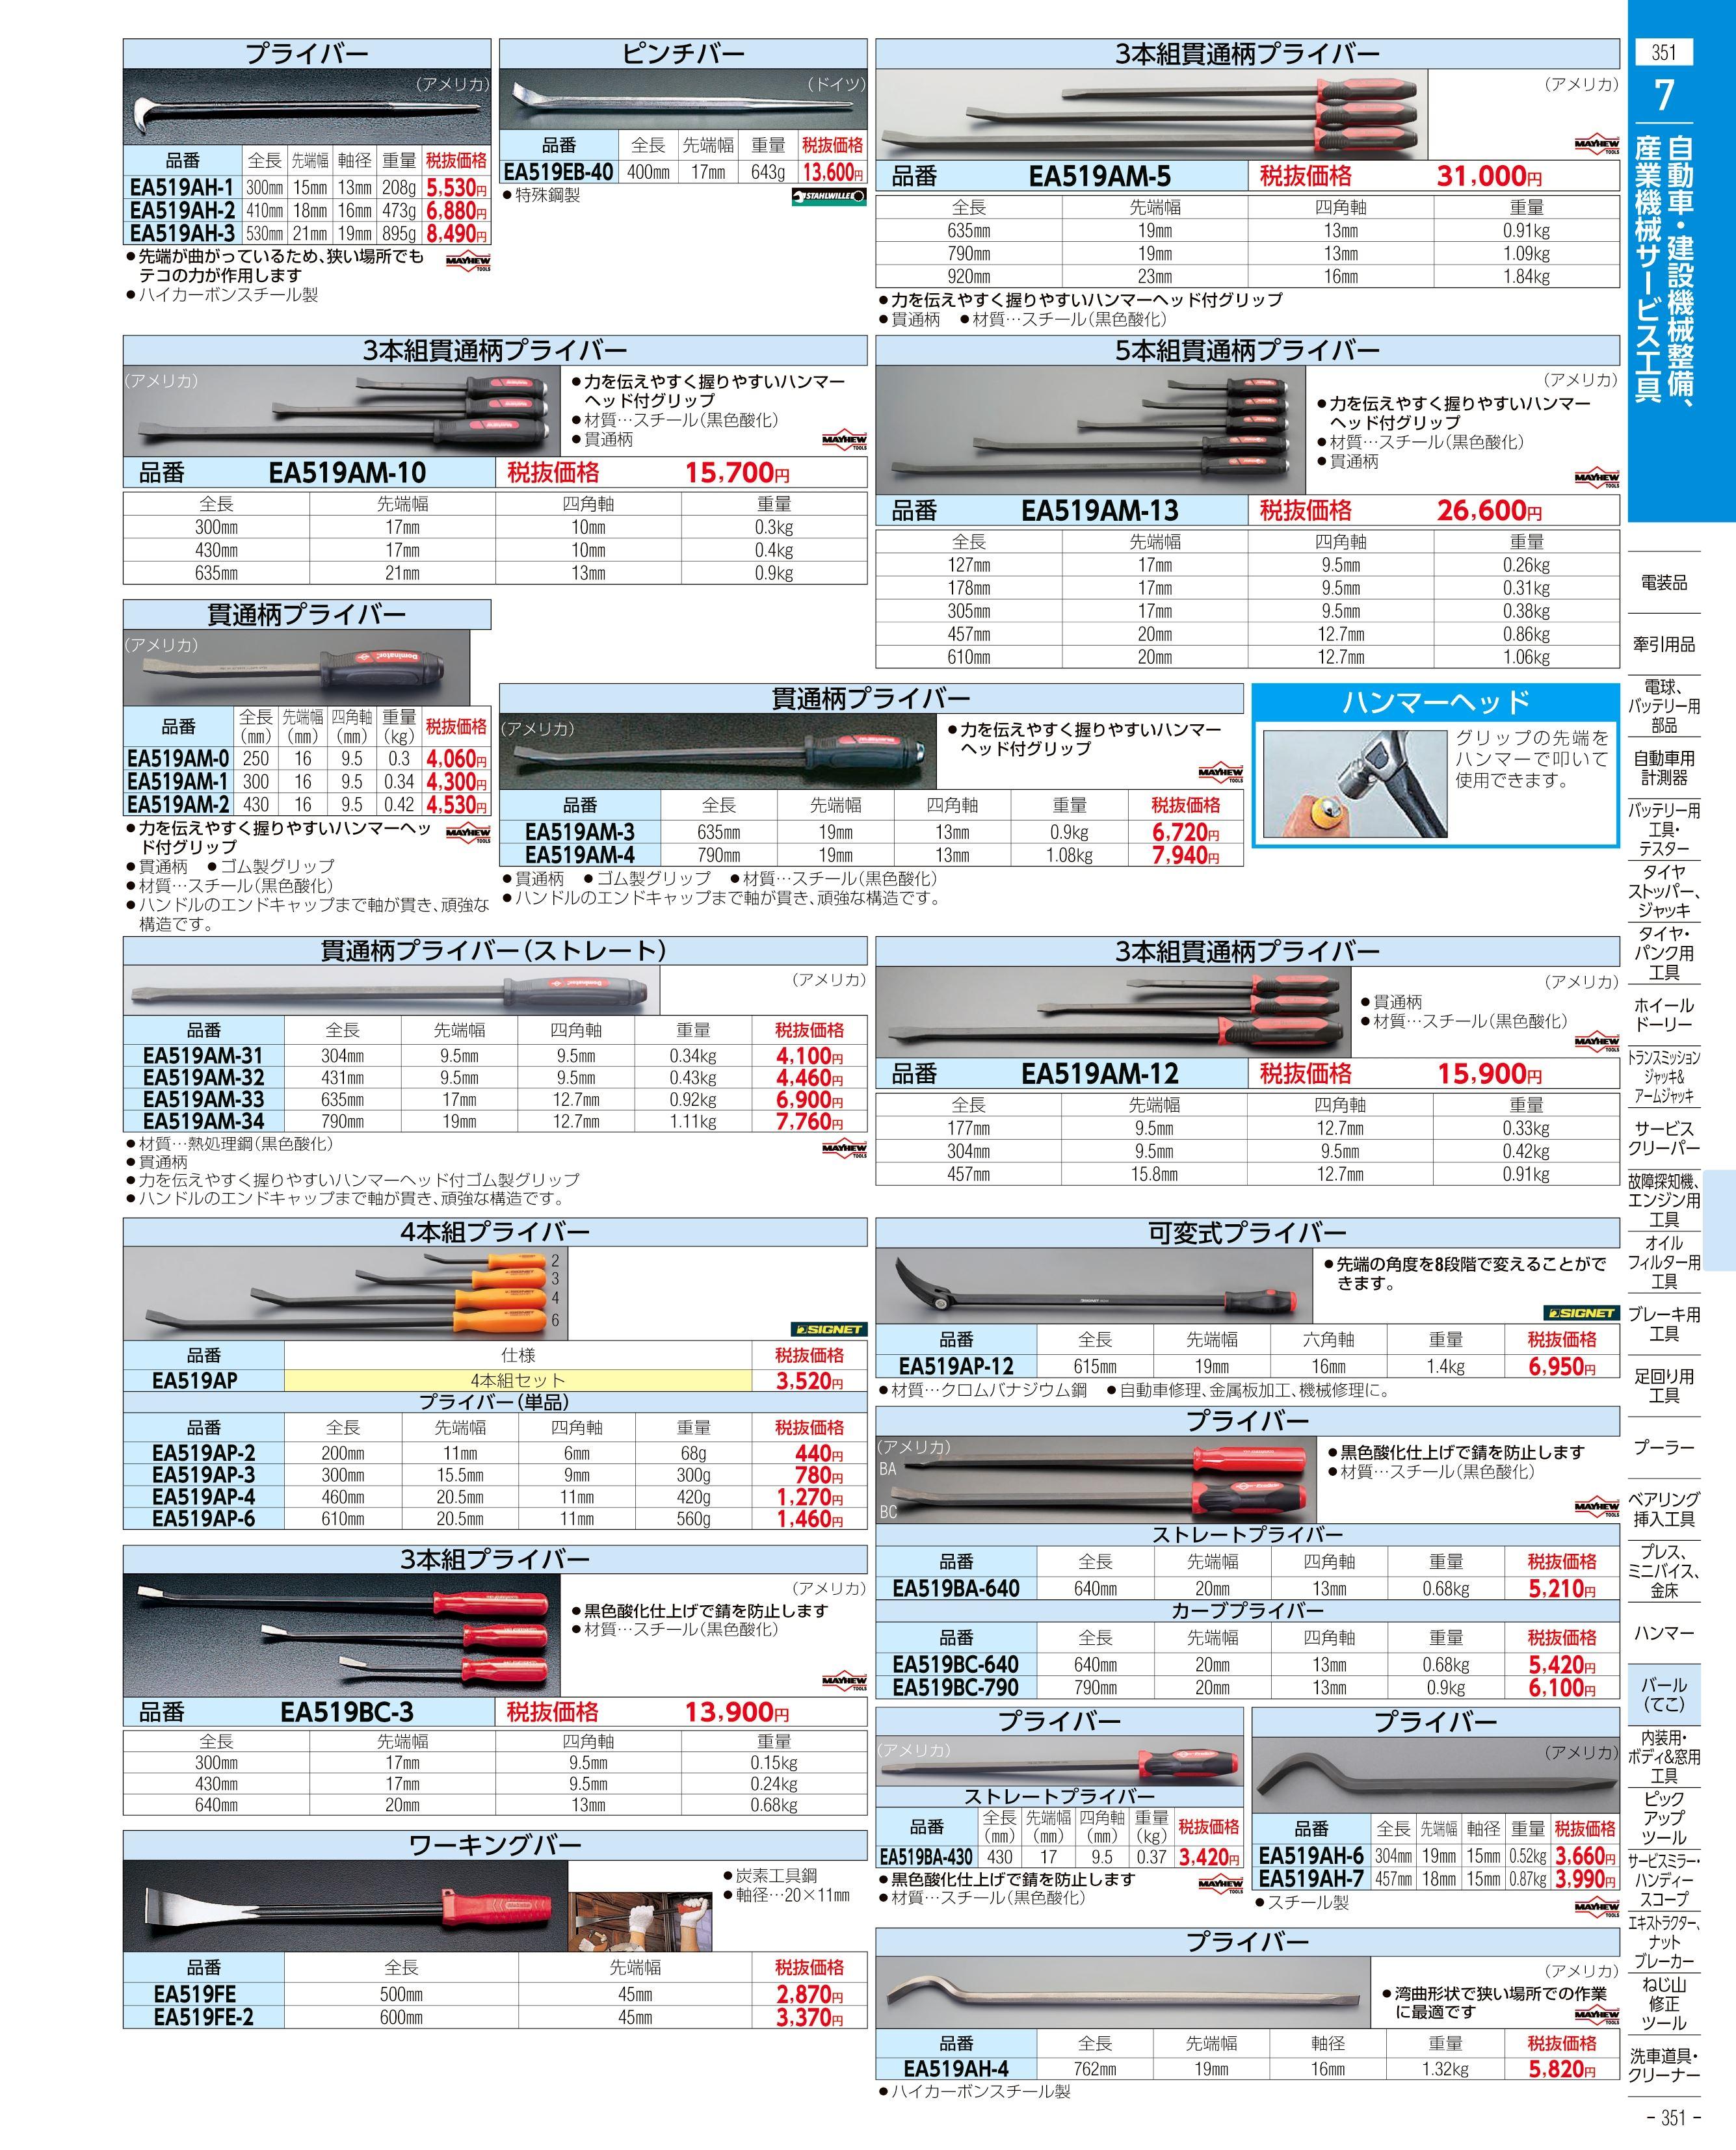 エスコ便利カタログ351ページ